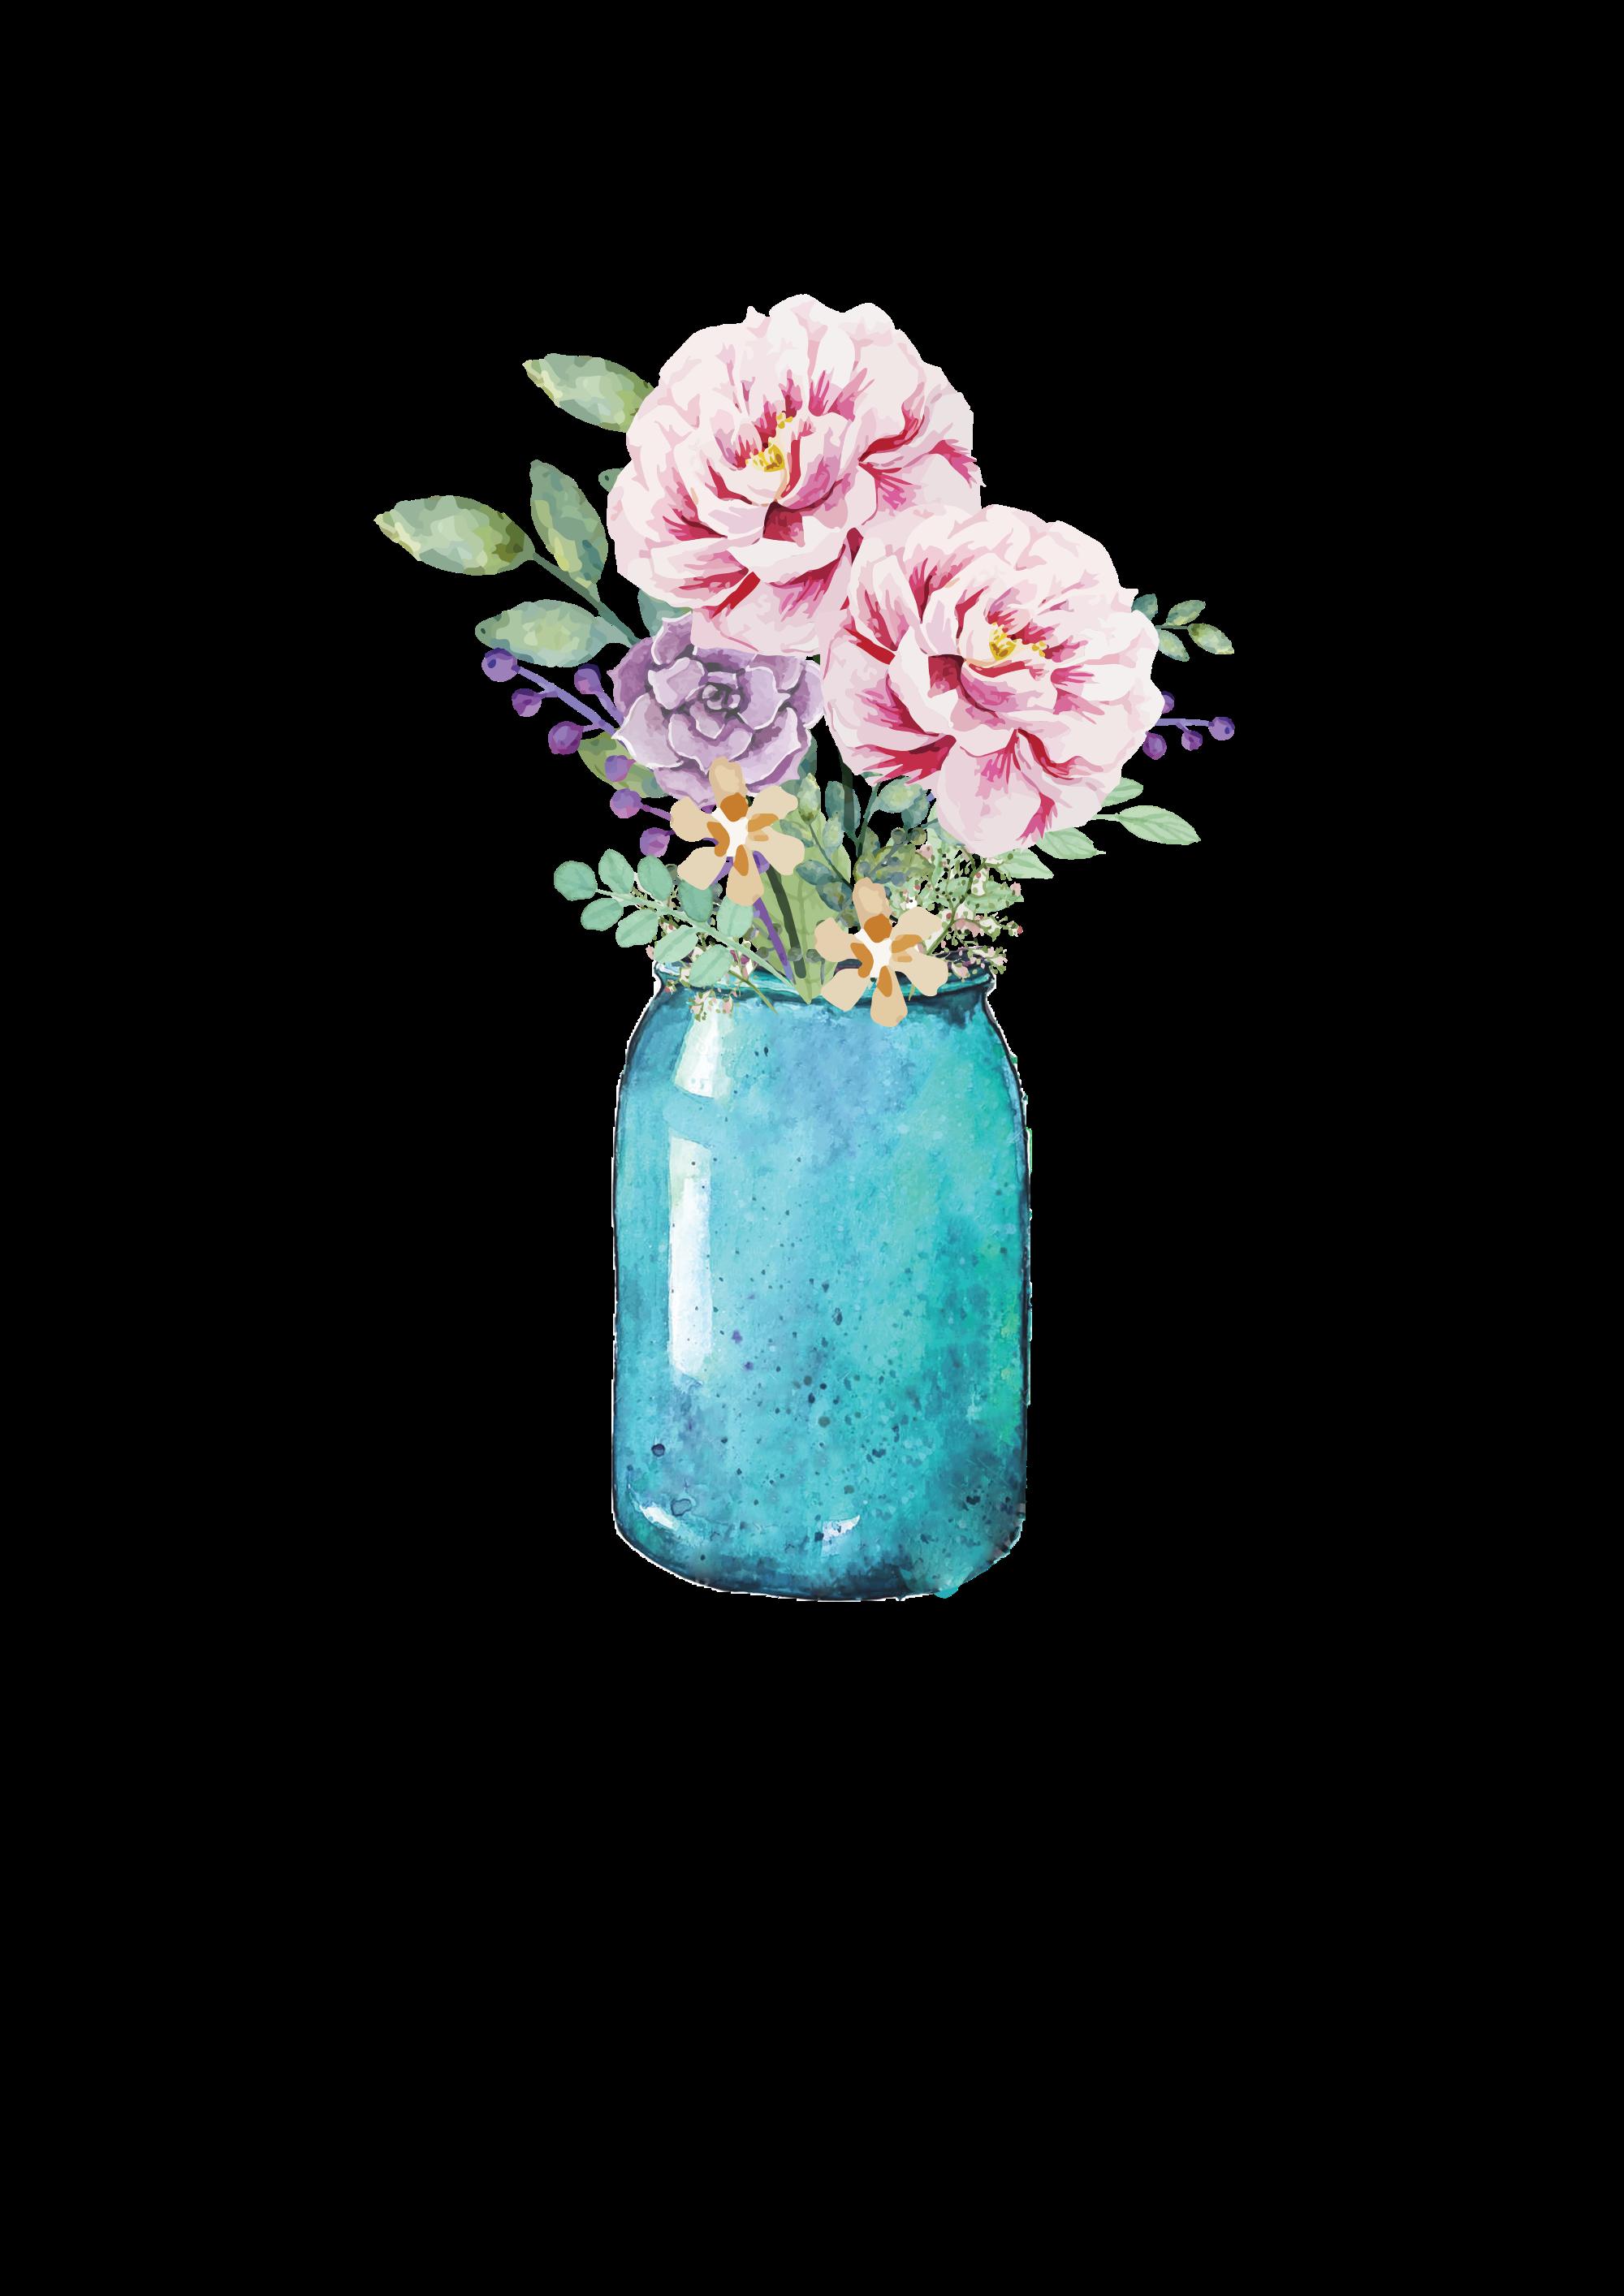 Lauren Baxter : Flowers in a Mason Jar in 2019.